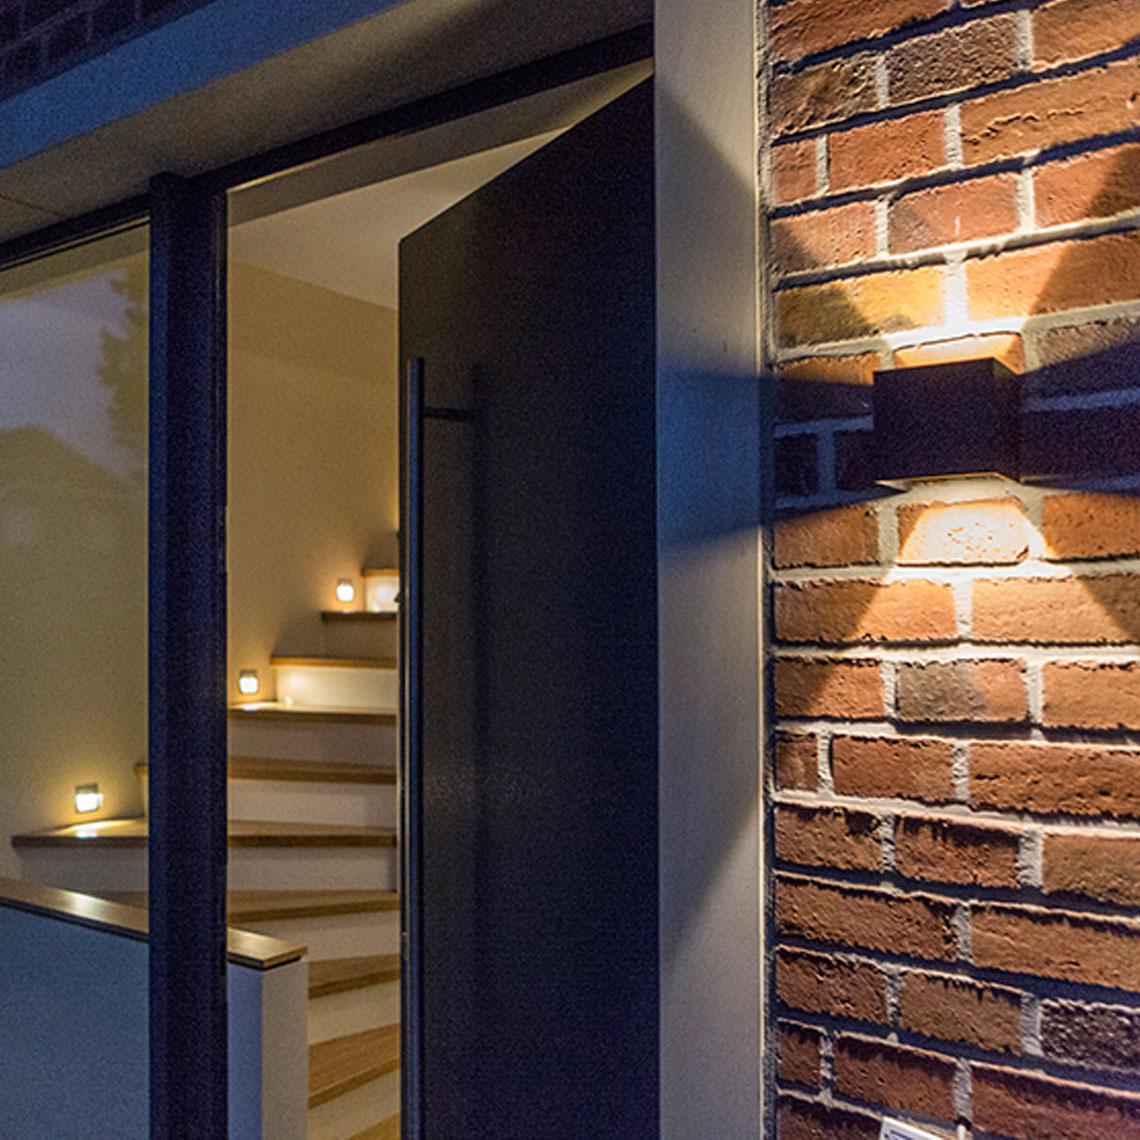 Beleuchtungsprojek-Stadthaus_Eingangsbereich_q